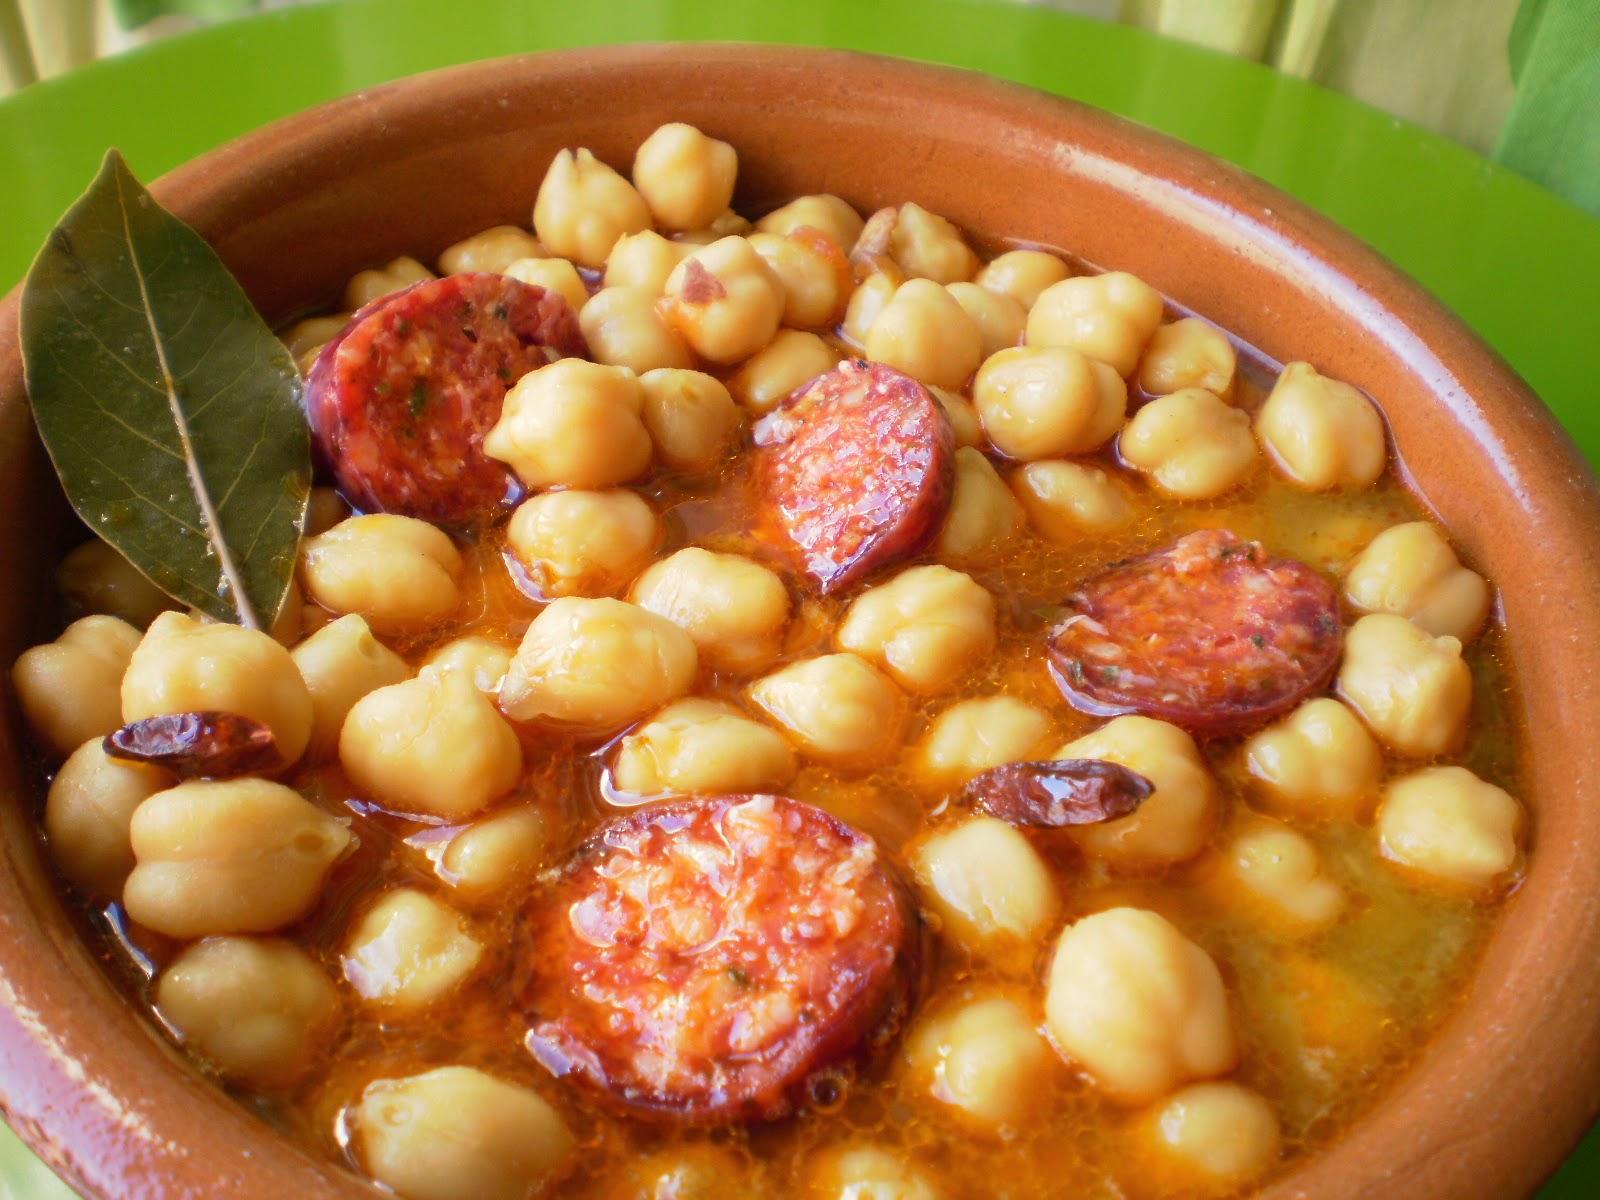 Mi cocina potaje de garbanzos con chorizo - Bacalao con garbanzos y patatas ...